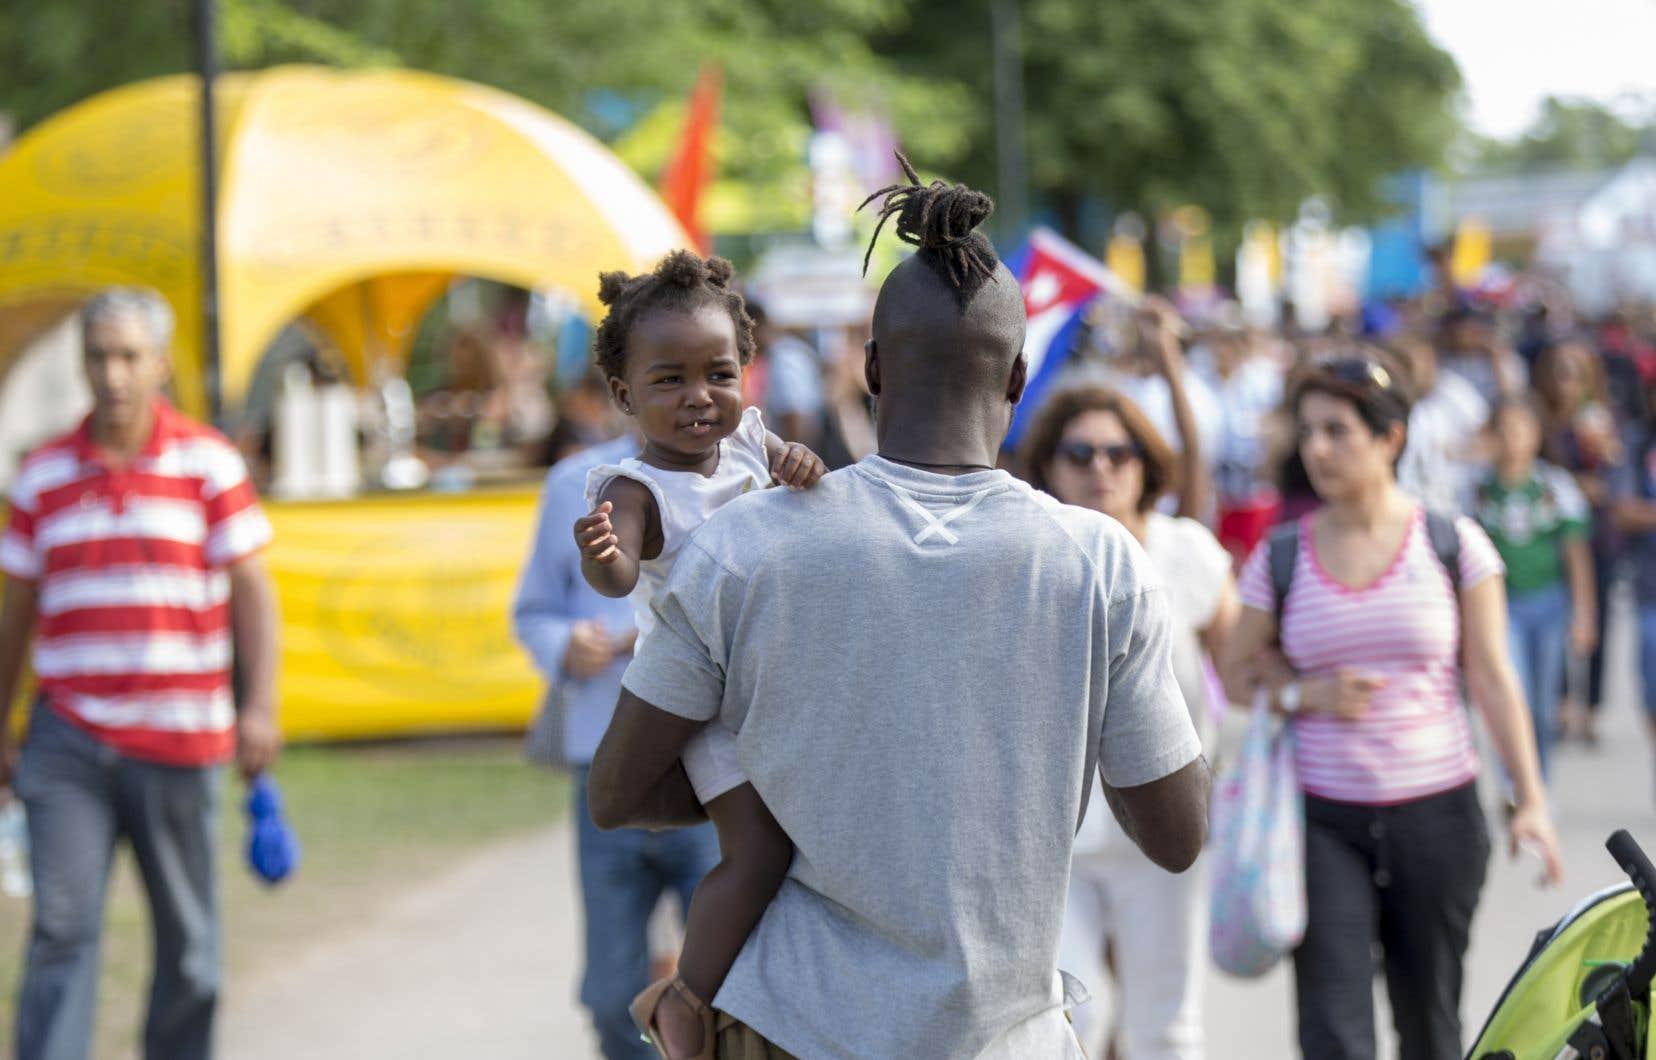 Une enquête démontre que les importants écarts entre les Noirs et le reste de la population adulte au chapitre de l'emploi et de la rémunération se sont accrus au fil du temps.